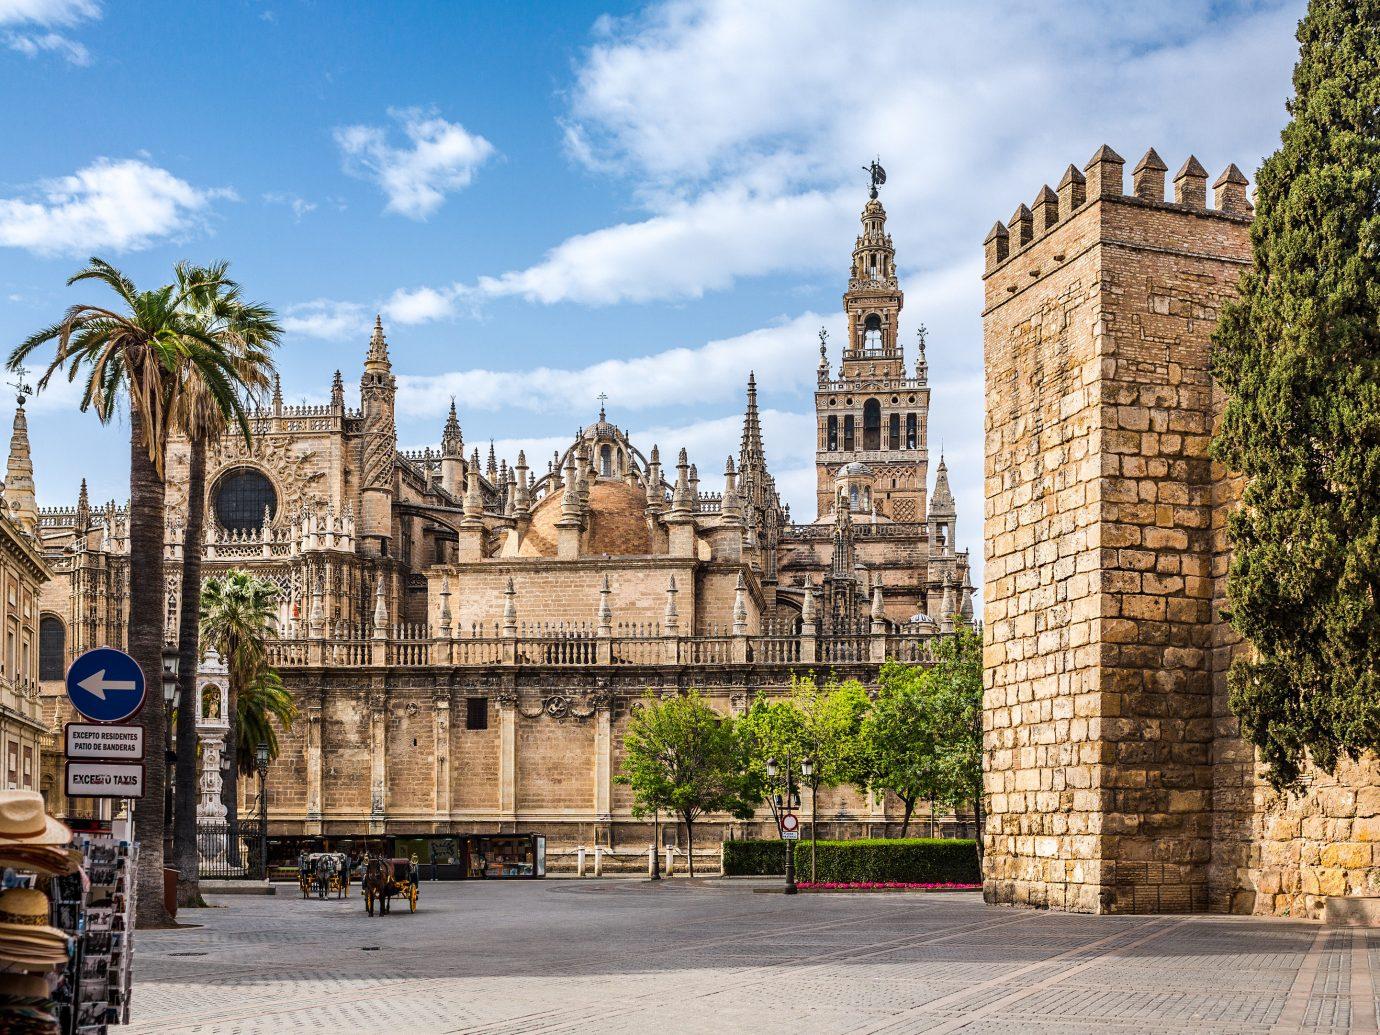 View of buildings in Spain